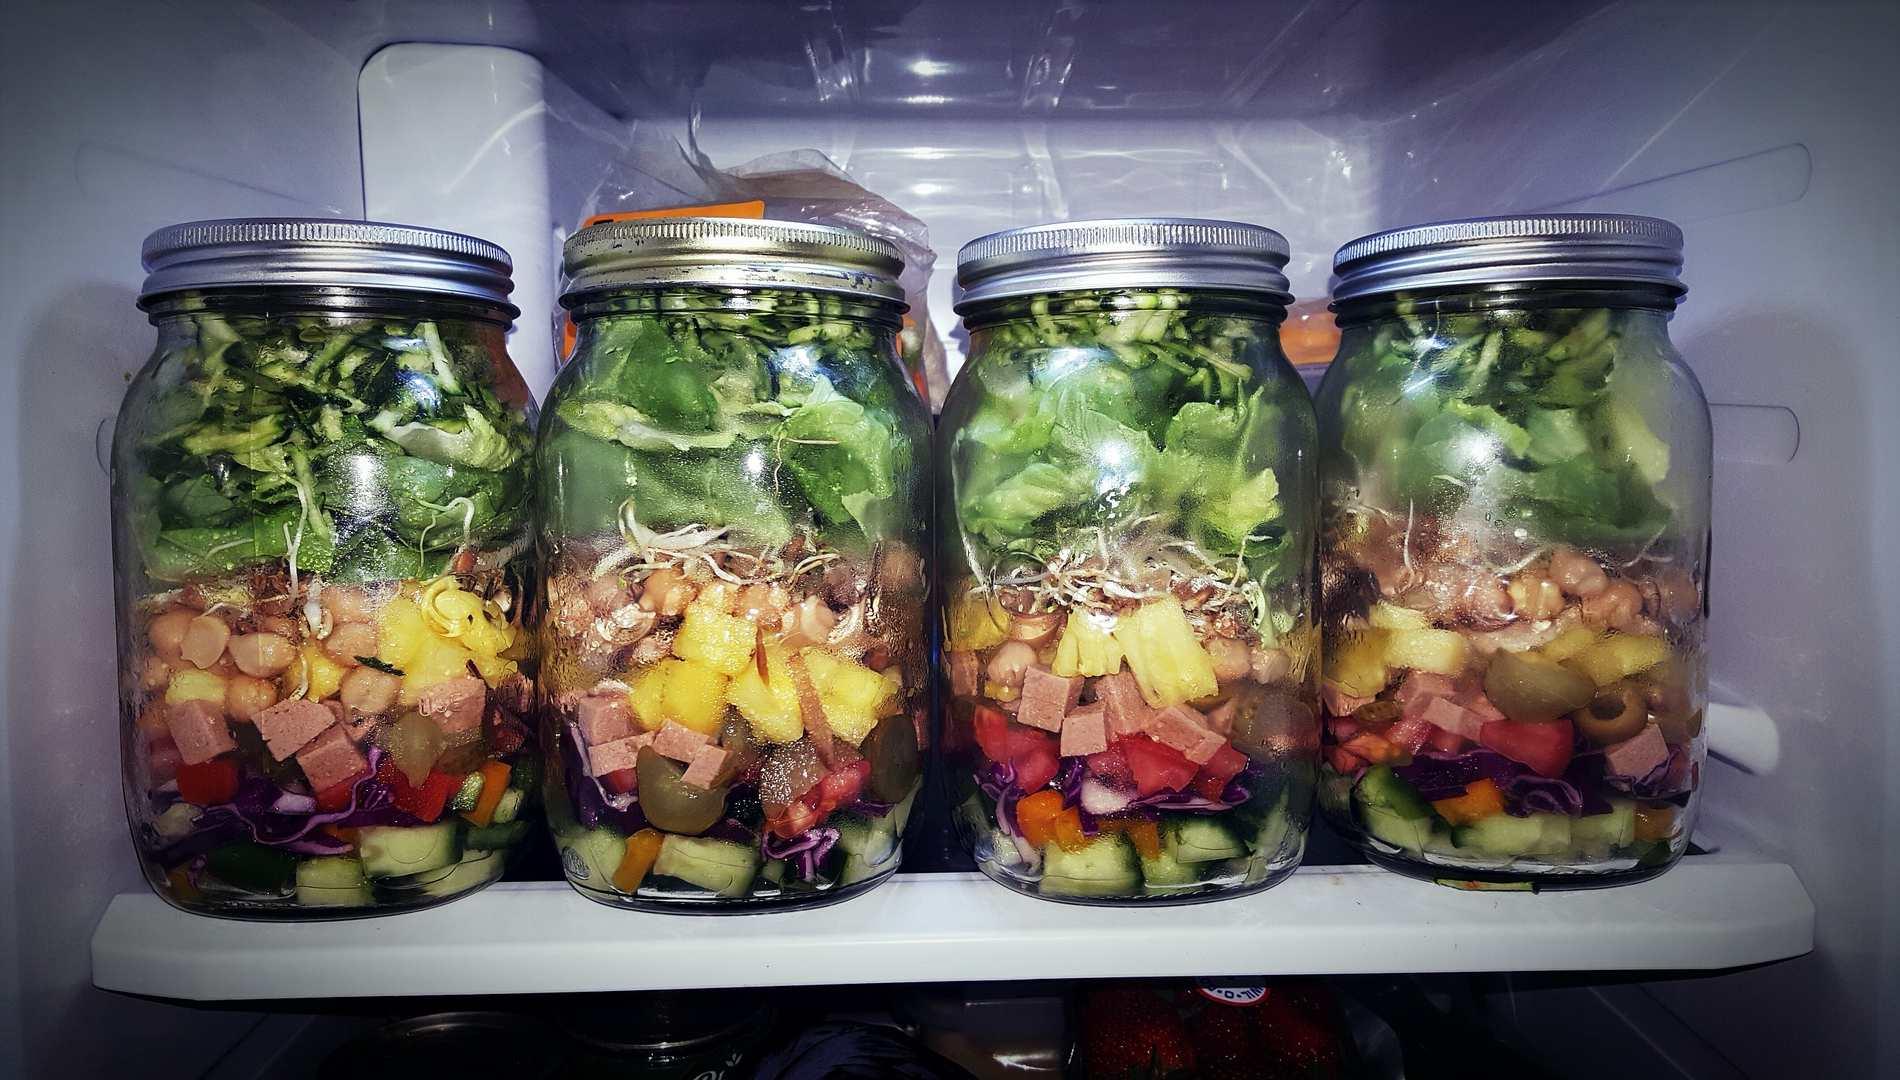 Ensalada vertical: ¿Cómo comer hortalizas de forma diferente?